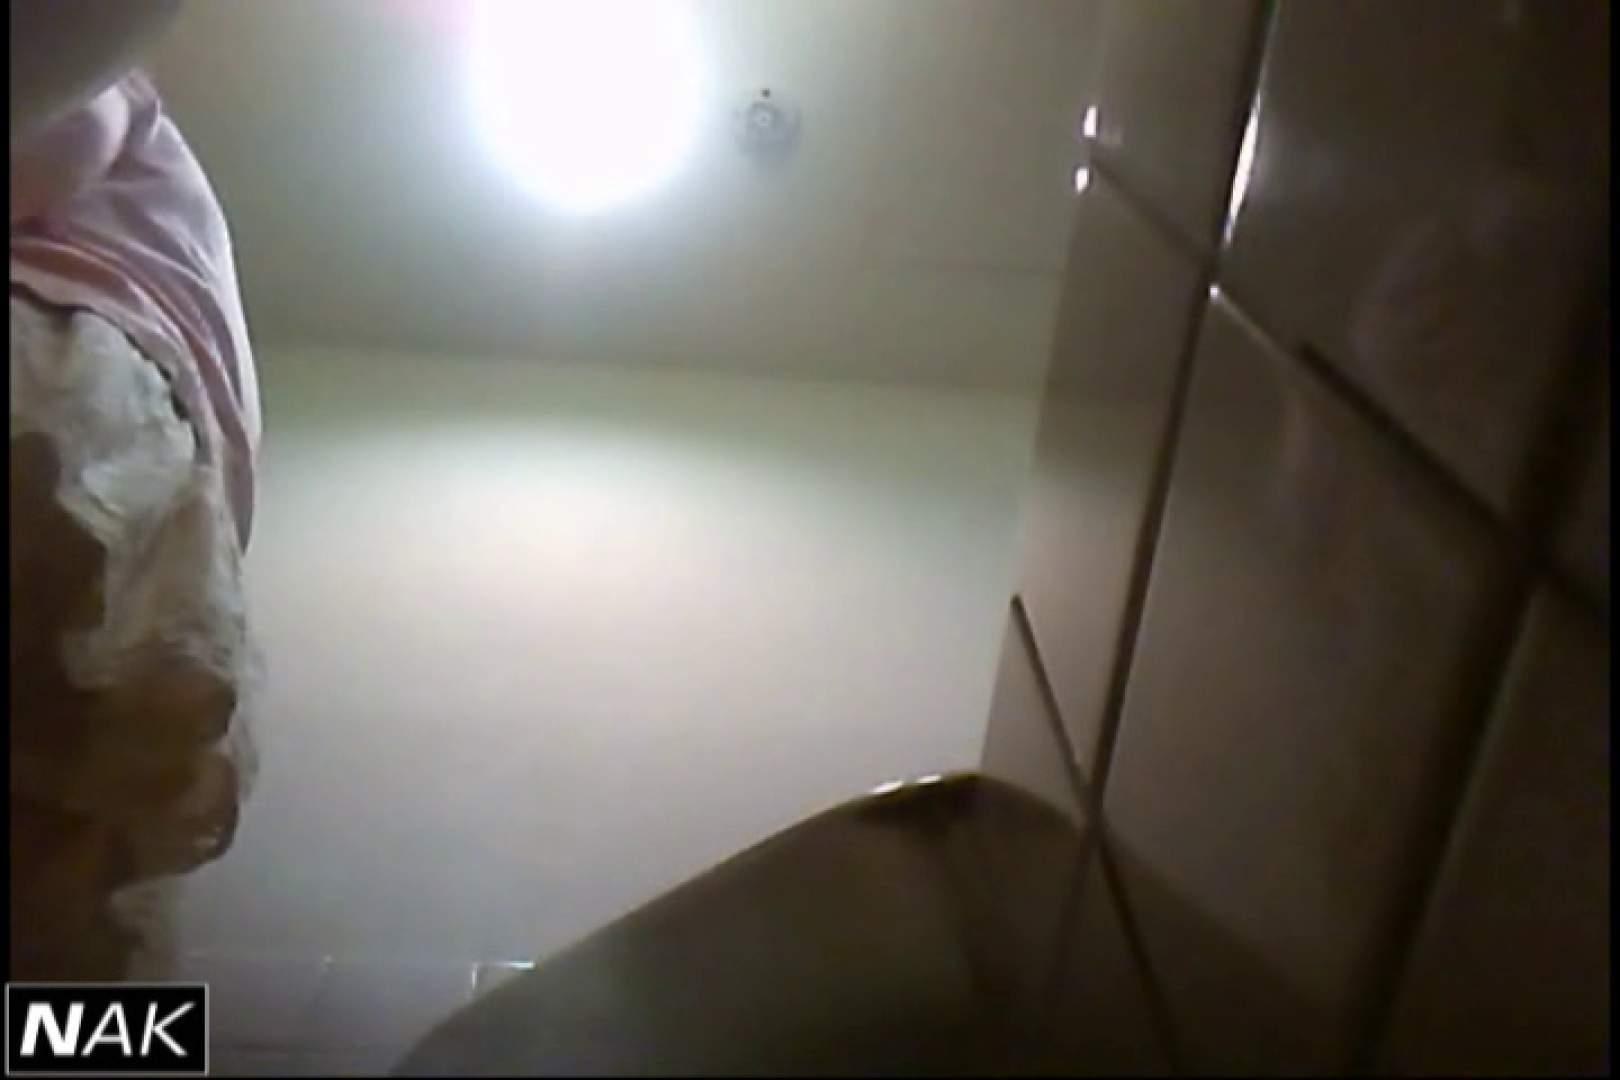 亀さんかわや VIP和式2カメバージョン! vol.12 マンコ・ムレムレ オマンコ動画キャプチャ 81pic 62